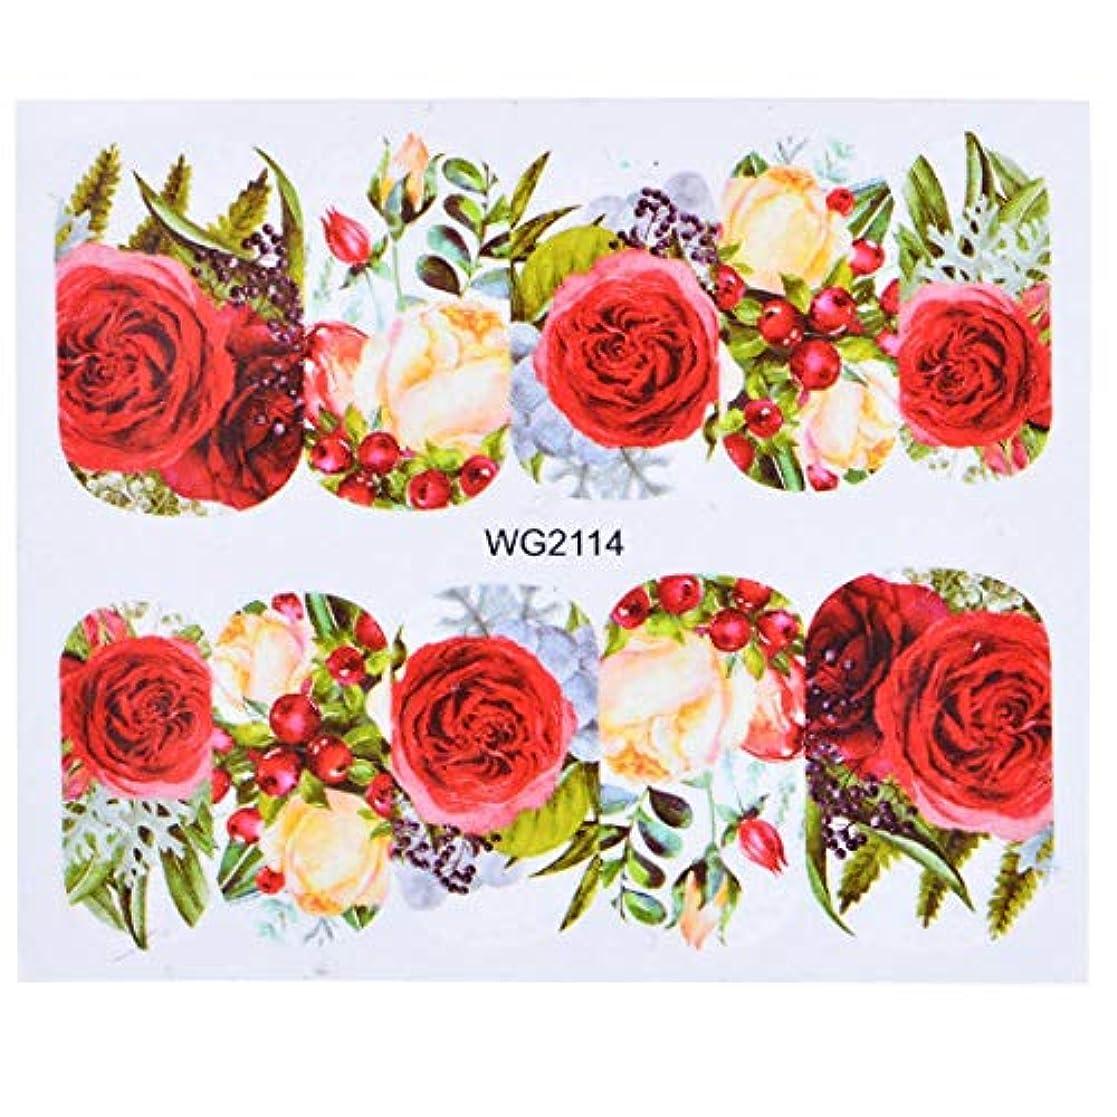 冬第九サワーSUKTI&XIAO ネイルステッカー 1枚の美しいロマンチックなステッカー赤いスカートの女の子のネイルアートデザインマニキュア水転写デカールのヒントマニキュア、Wg2114